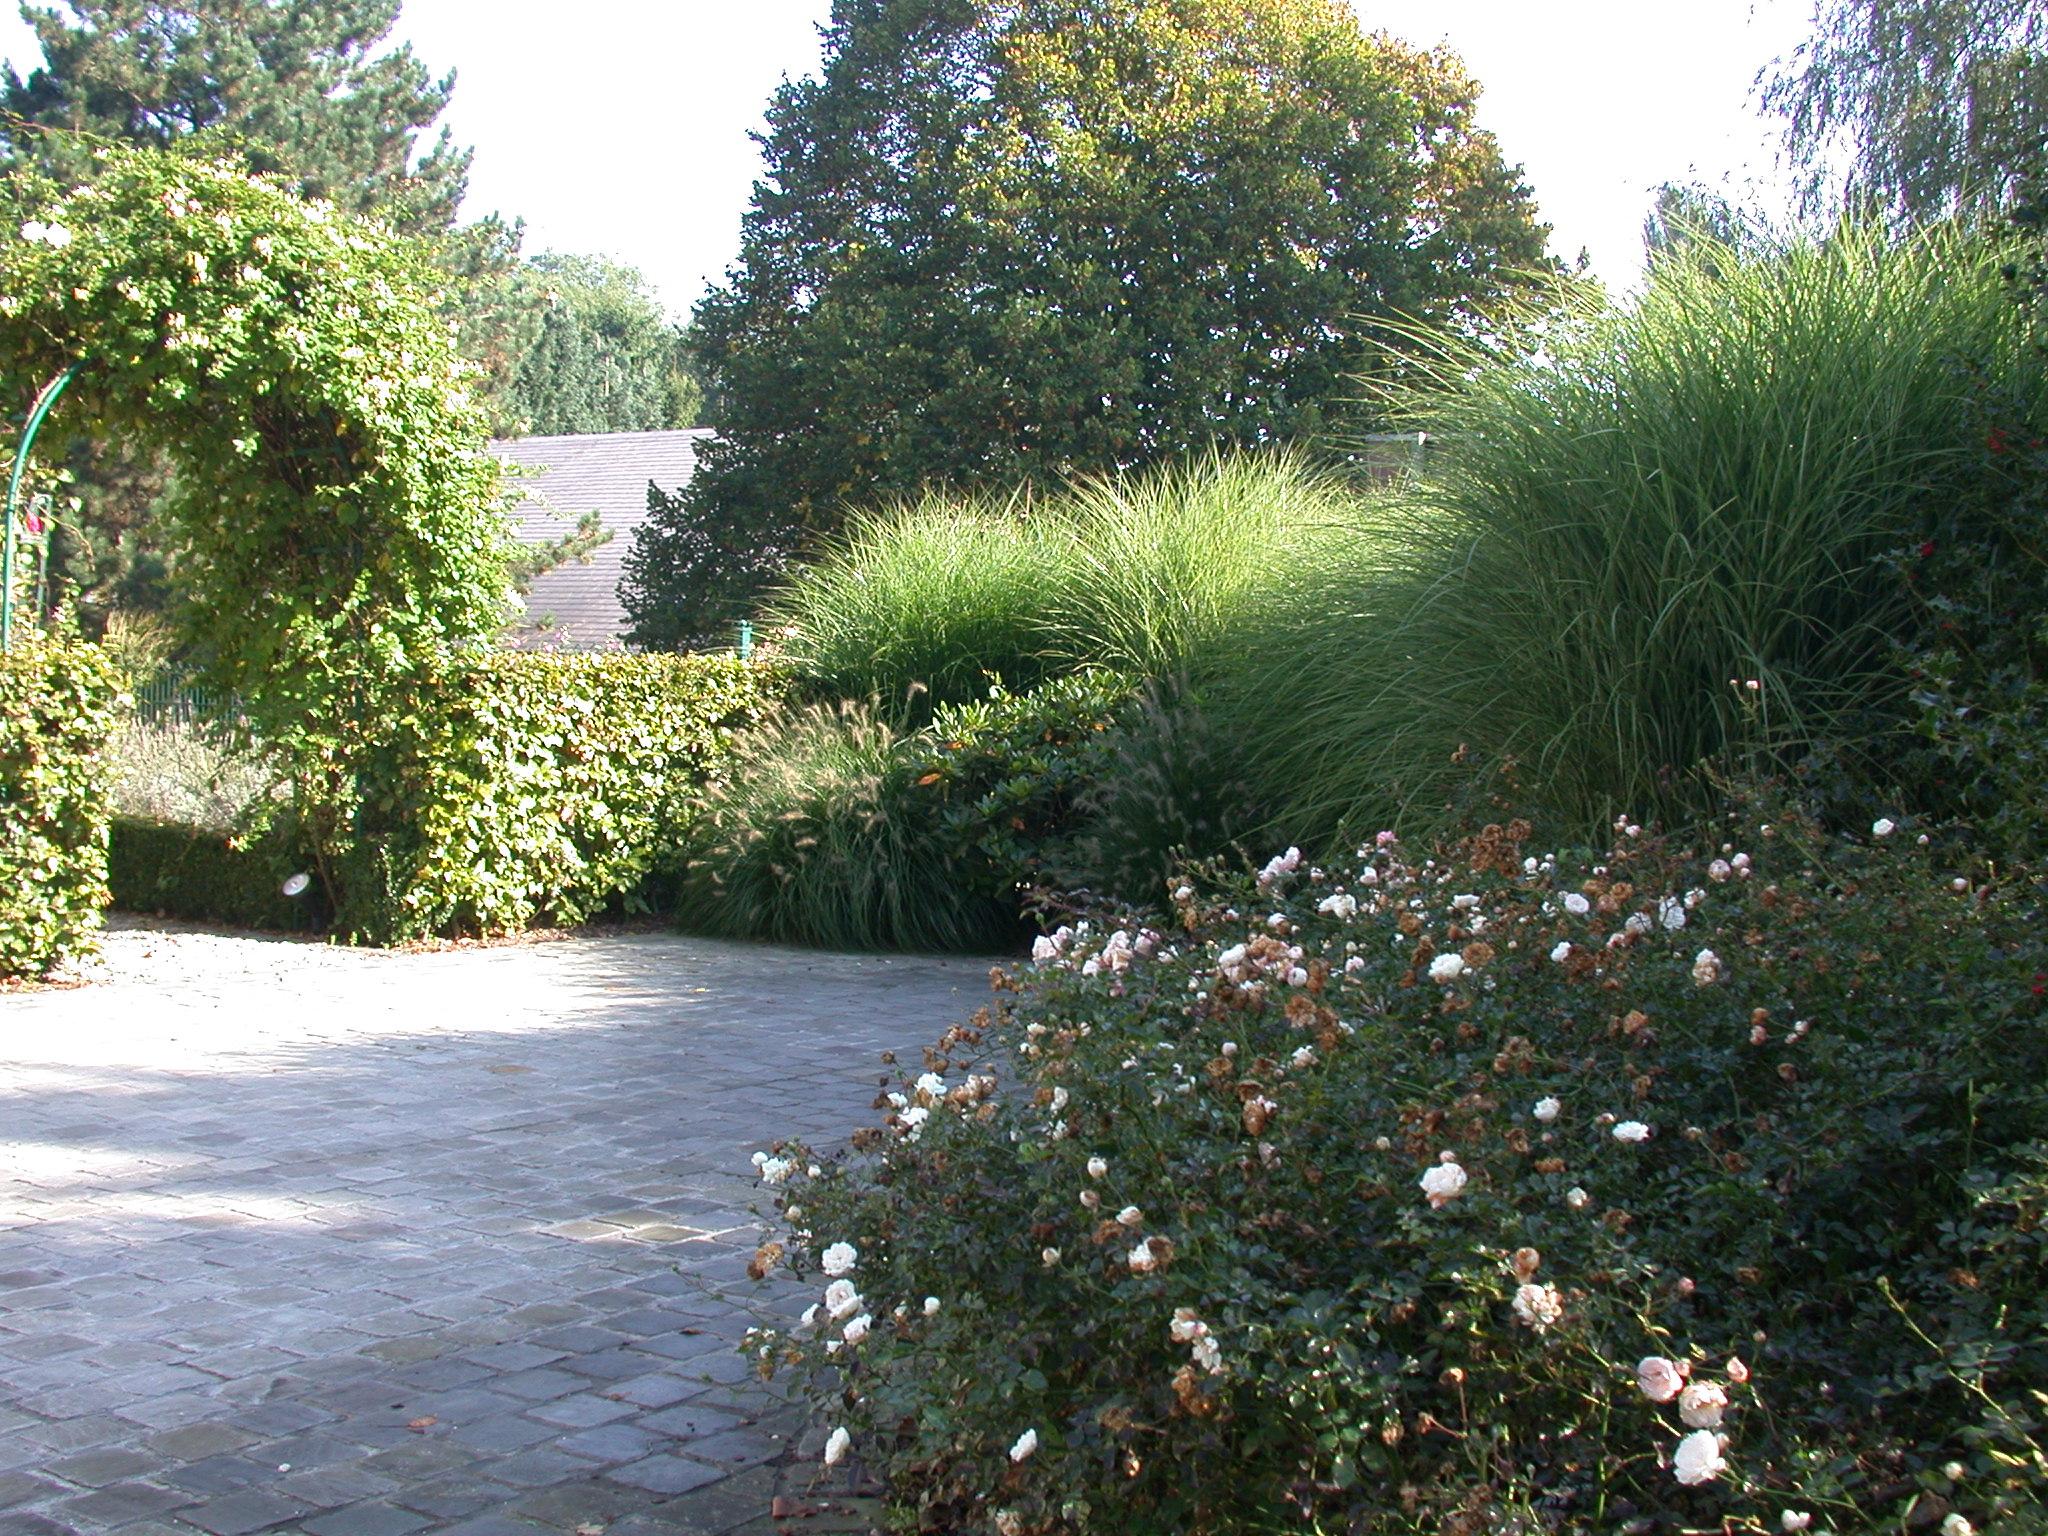 Jardin andalou art landscape architecte paysagiste for Architecte de jardin namur